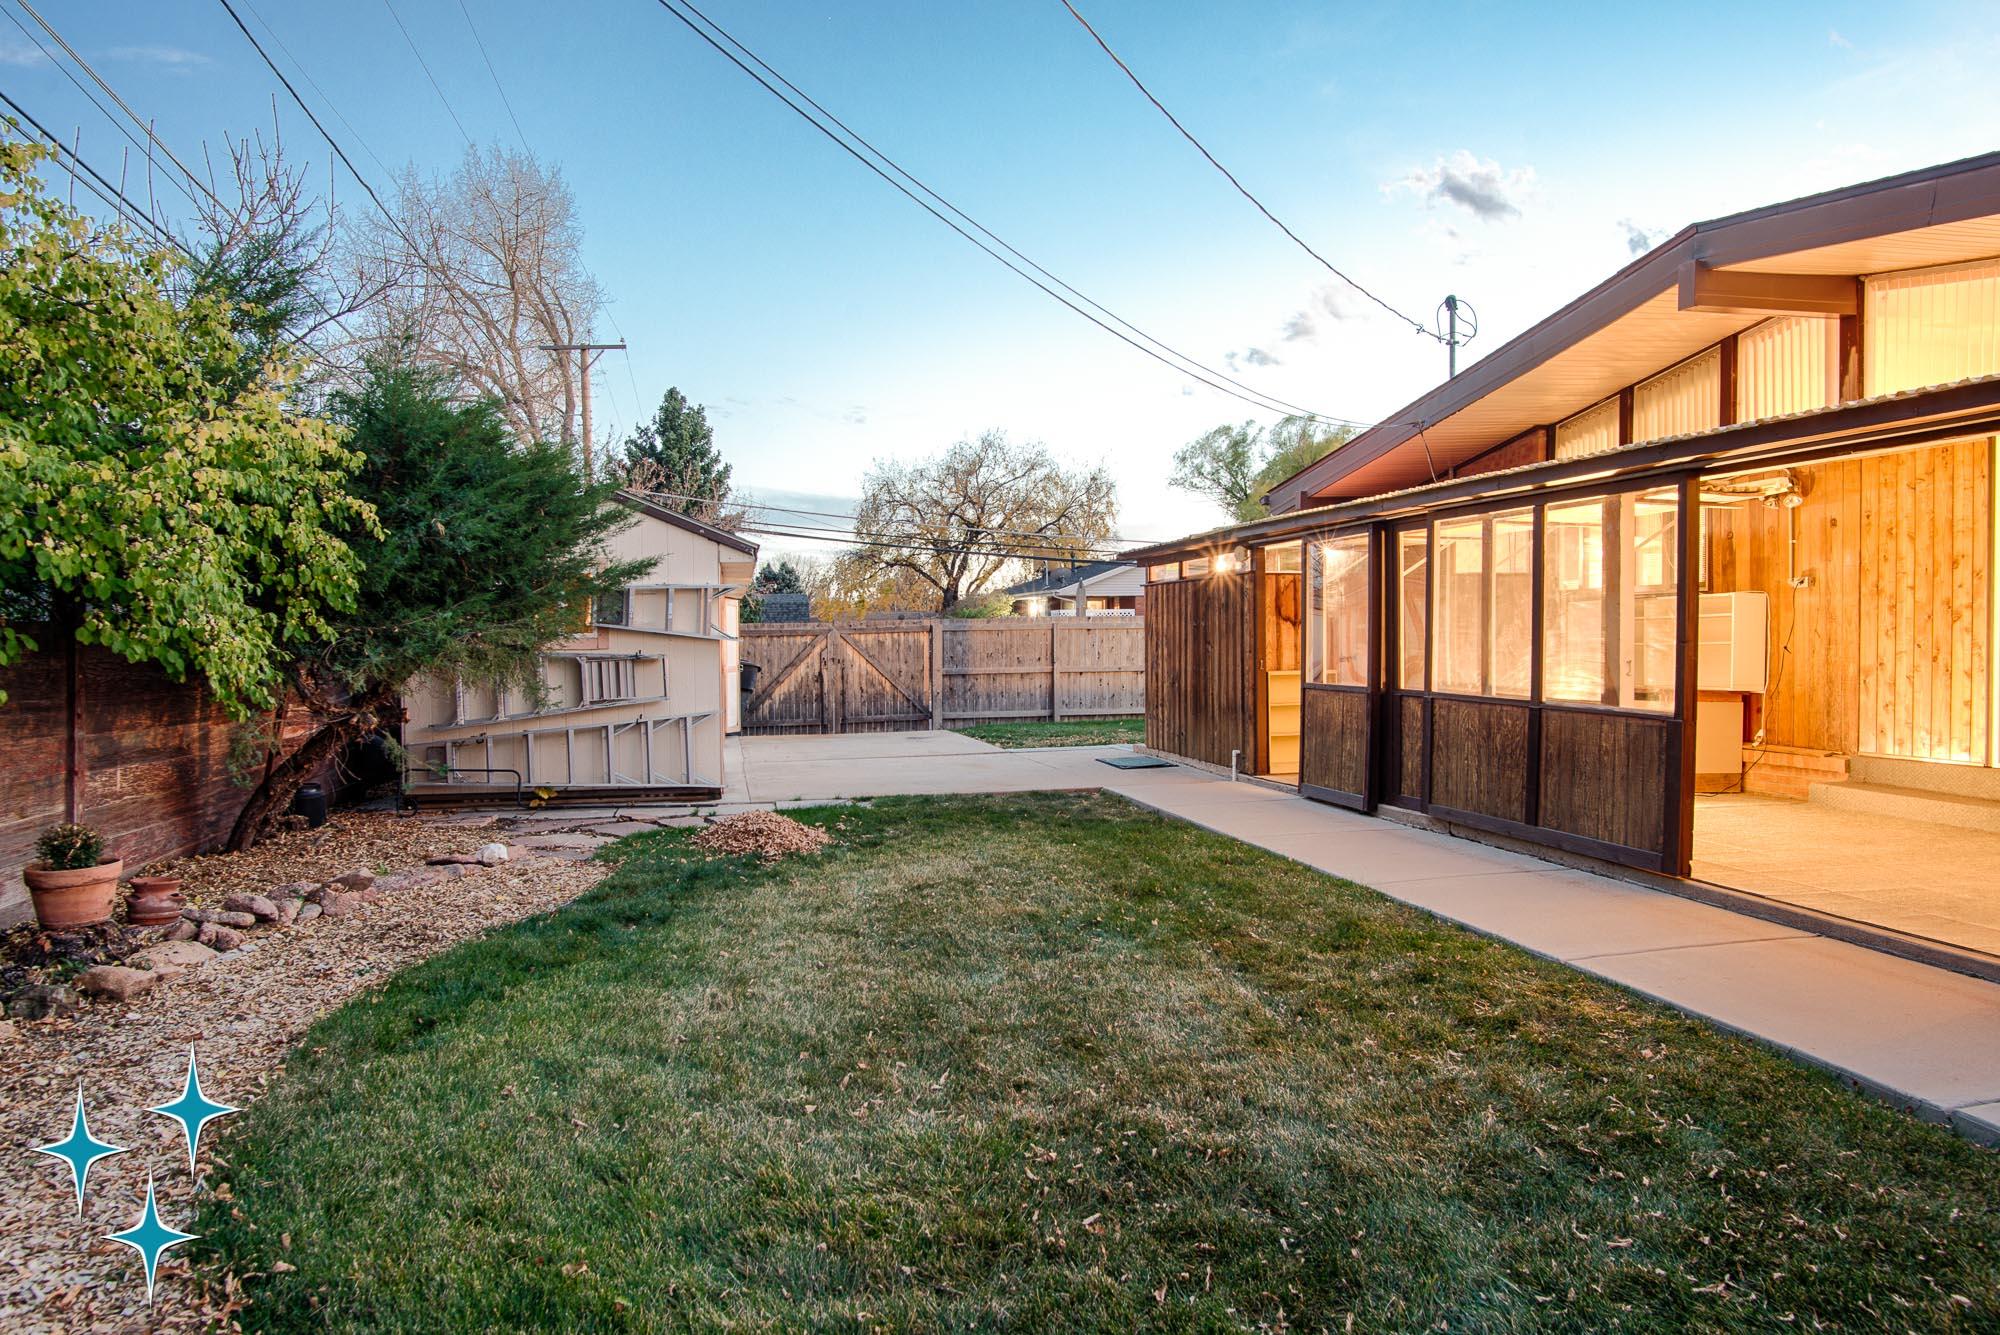 Adrian-Kinney-4155-W-Iliff-Avenue-Denver-r-Carey-Holiday-Home-2000w50-3SWM-40.jpg